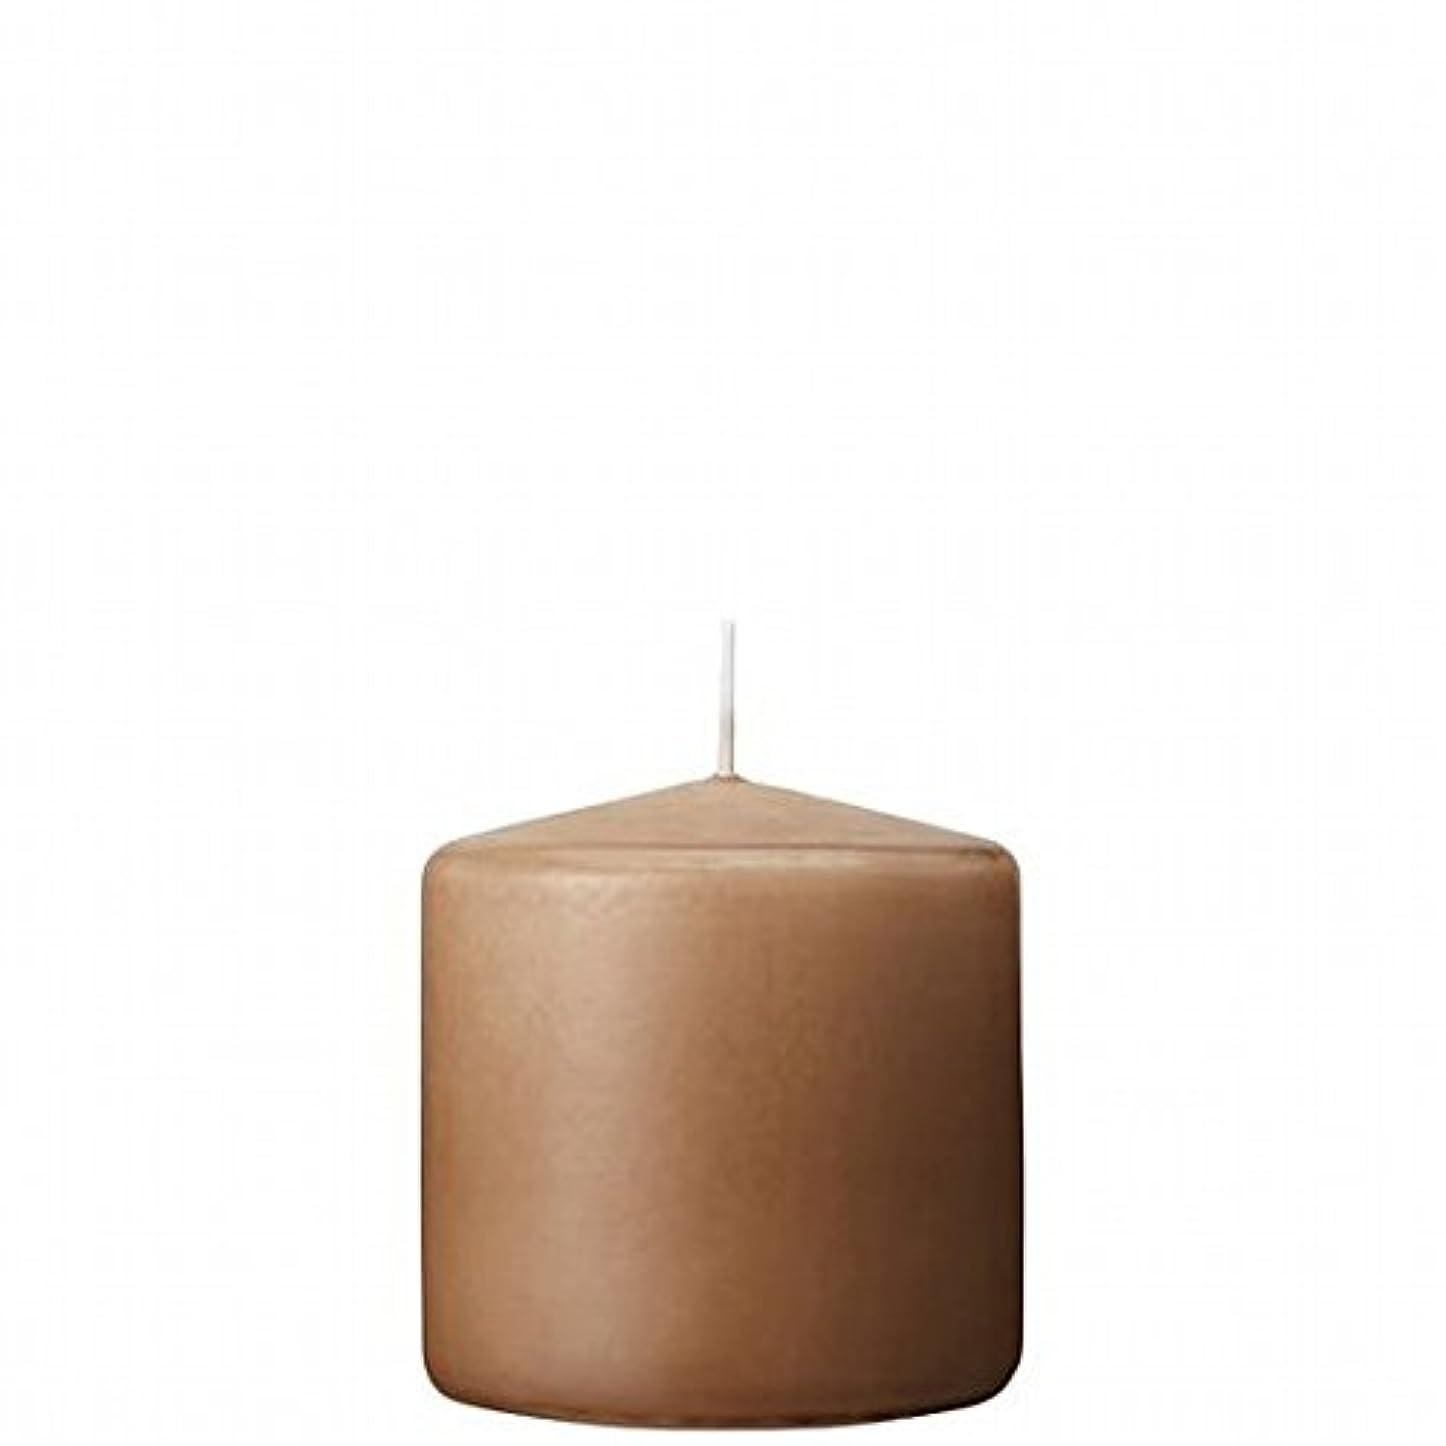 ぼかしフック高くkameyama candle(カメヤマキャンドル) 3×3ベルトップピラーキャンドル 「 モカ 」(A9730000MO)